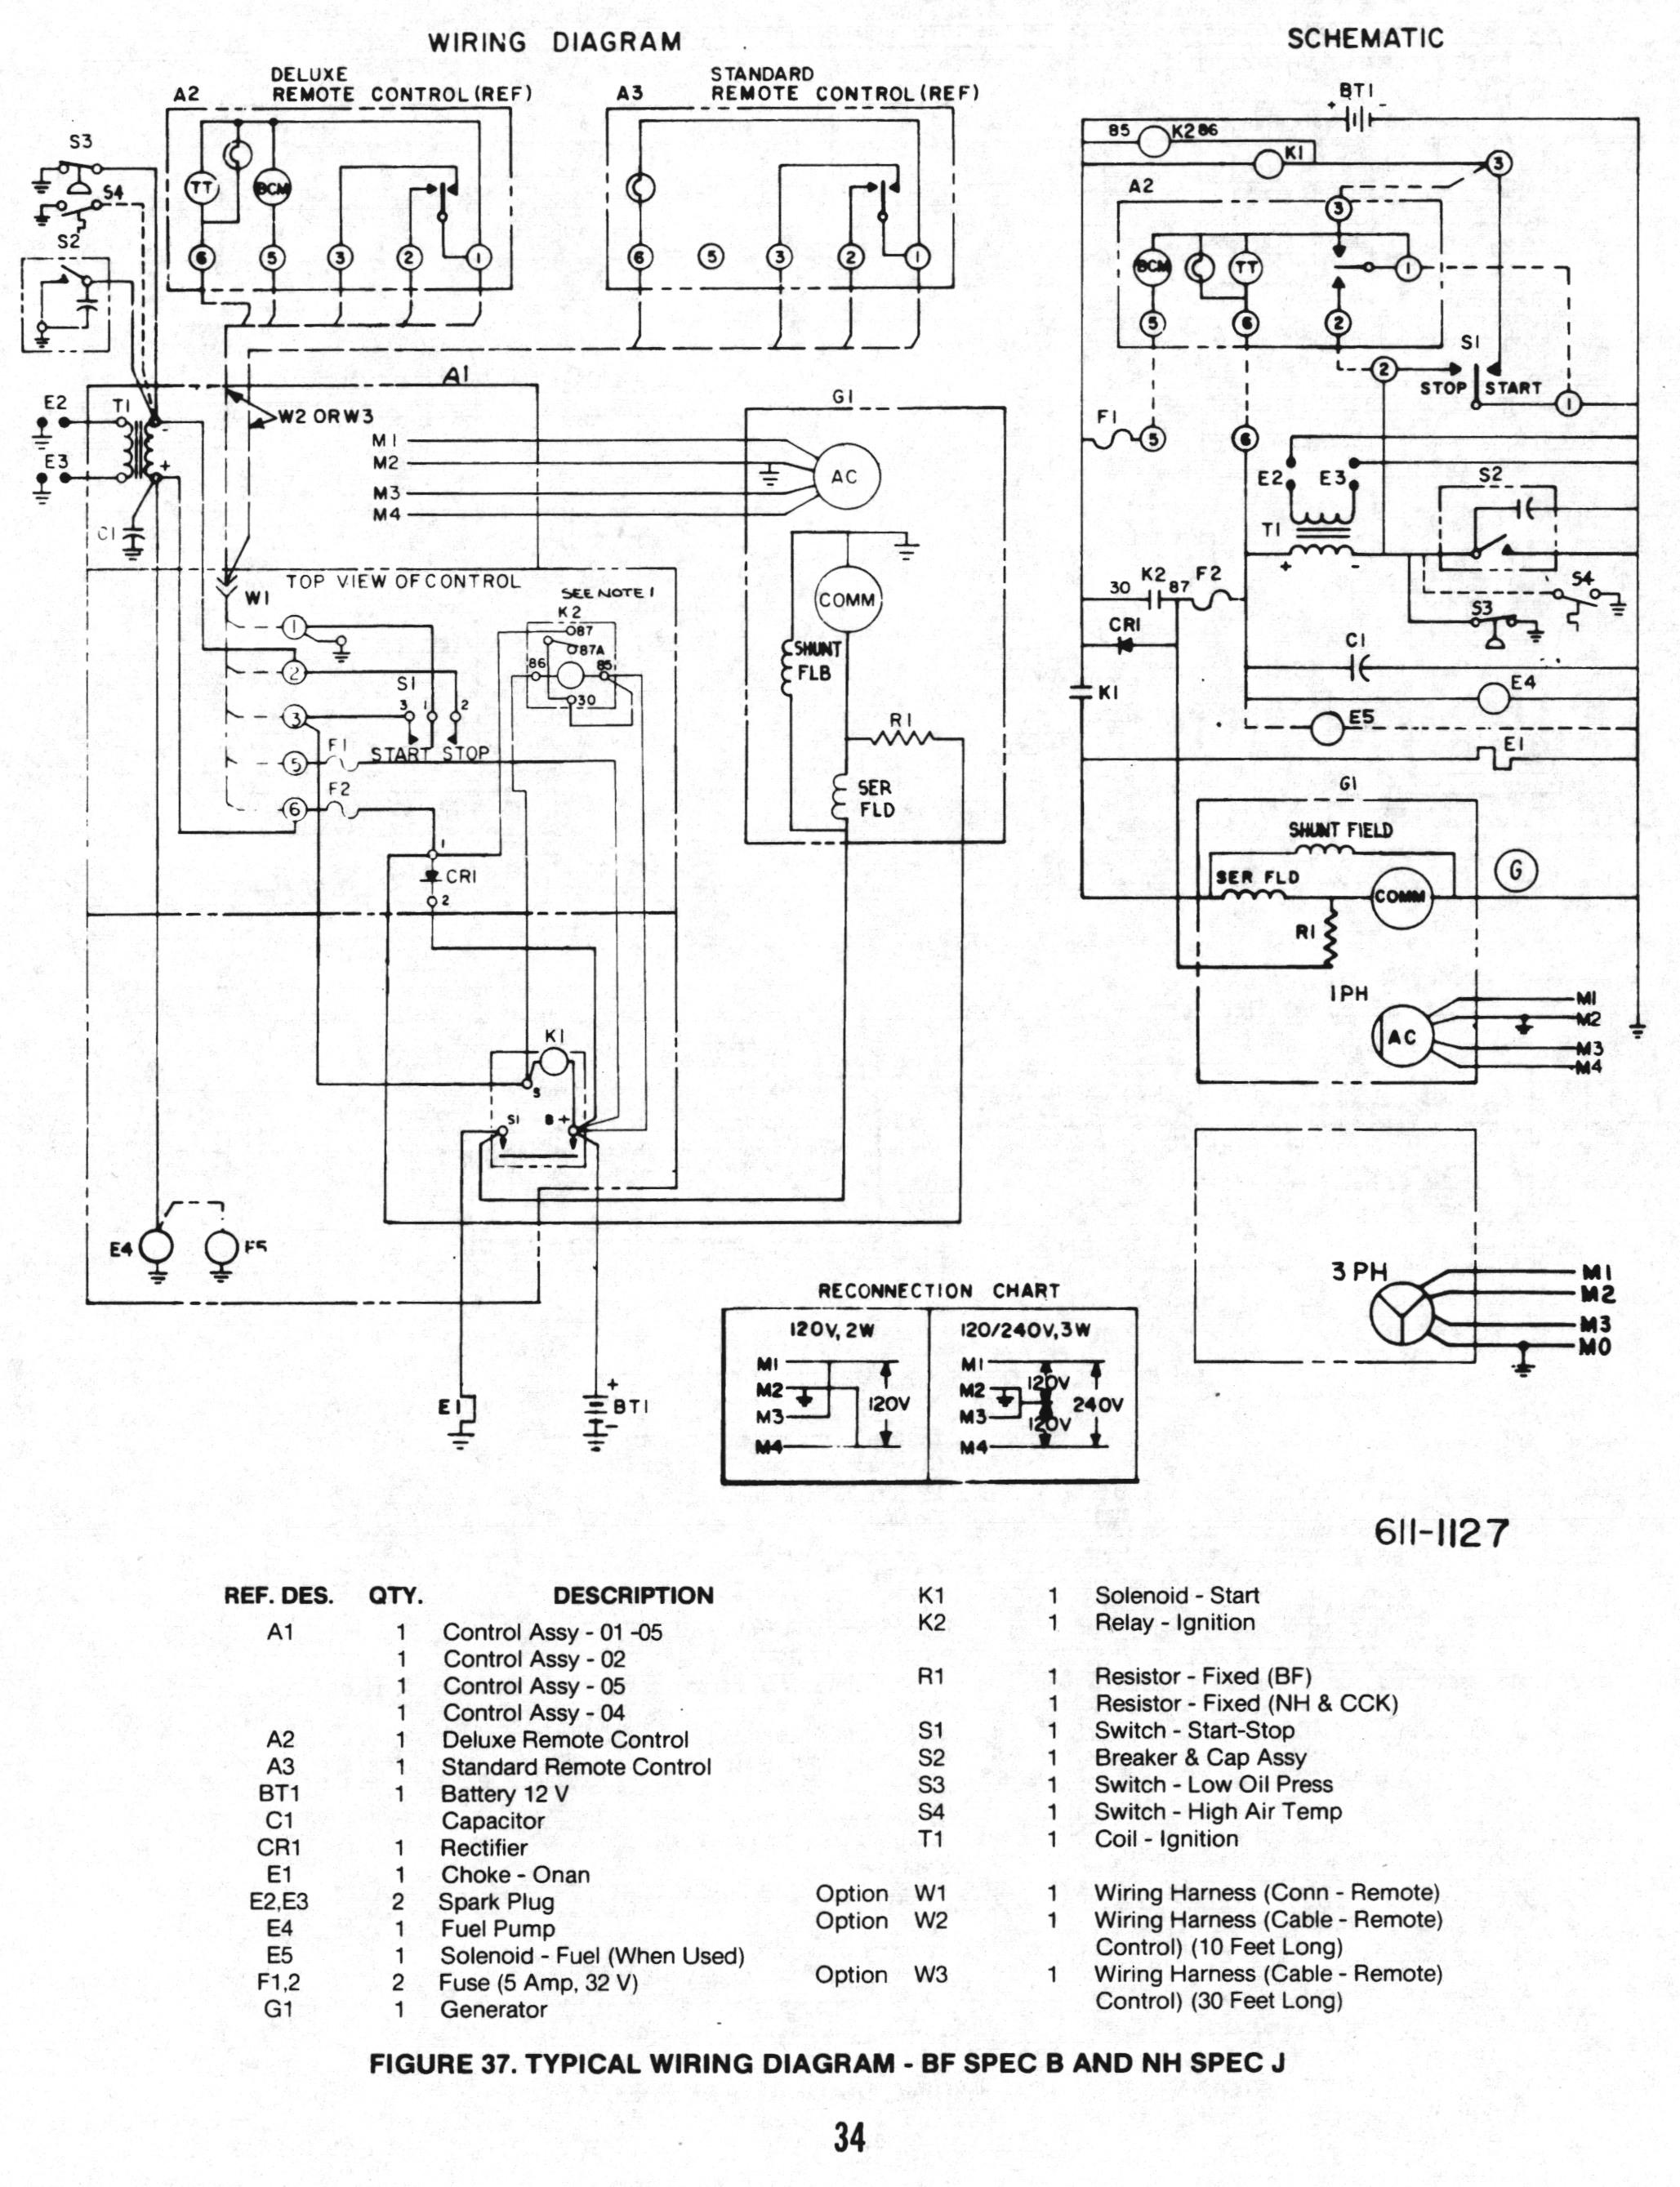 Onan 8 0 Generator Wiring Diagram